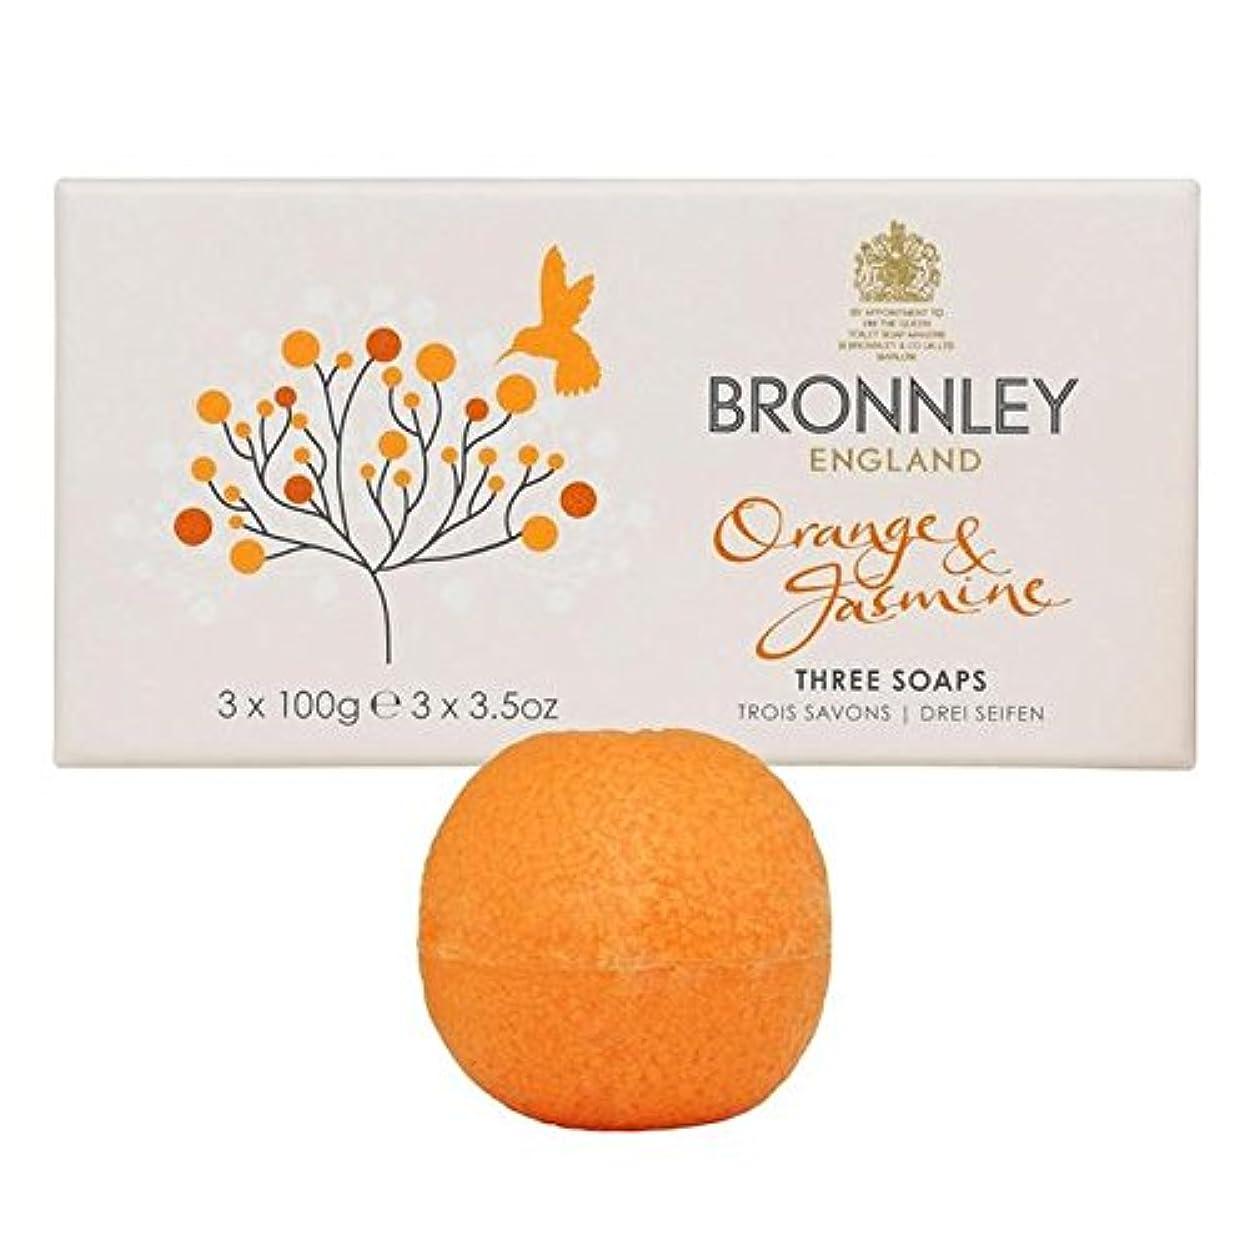 不調和債権者薬を飲むBronnley Orange & Jasmine Soaps 3 x 100g (Pack of 6) - オレンジ&ジャスミン石鹸3×100グラム x6 [並行輸入品]